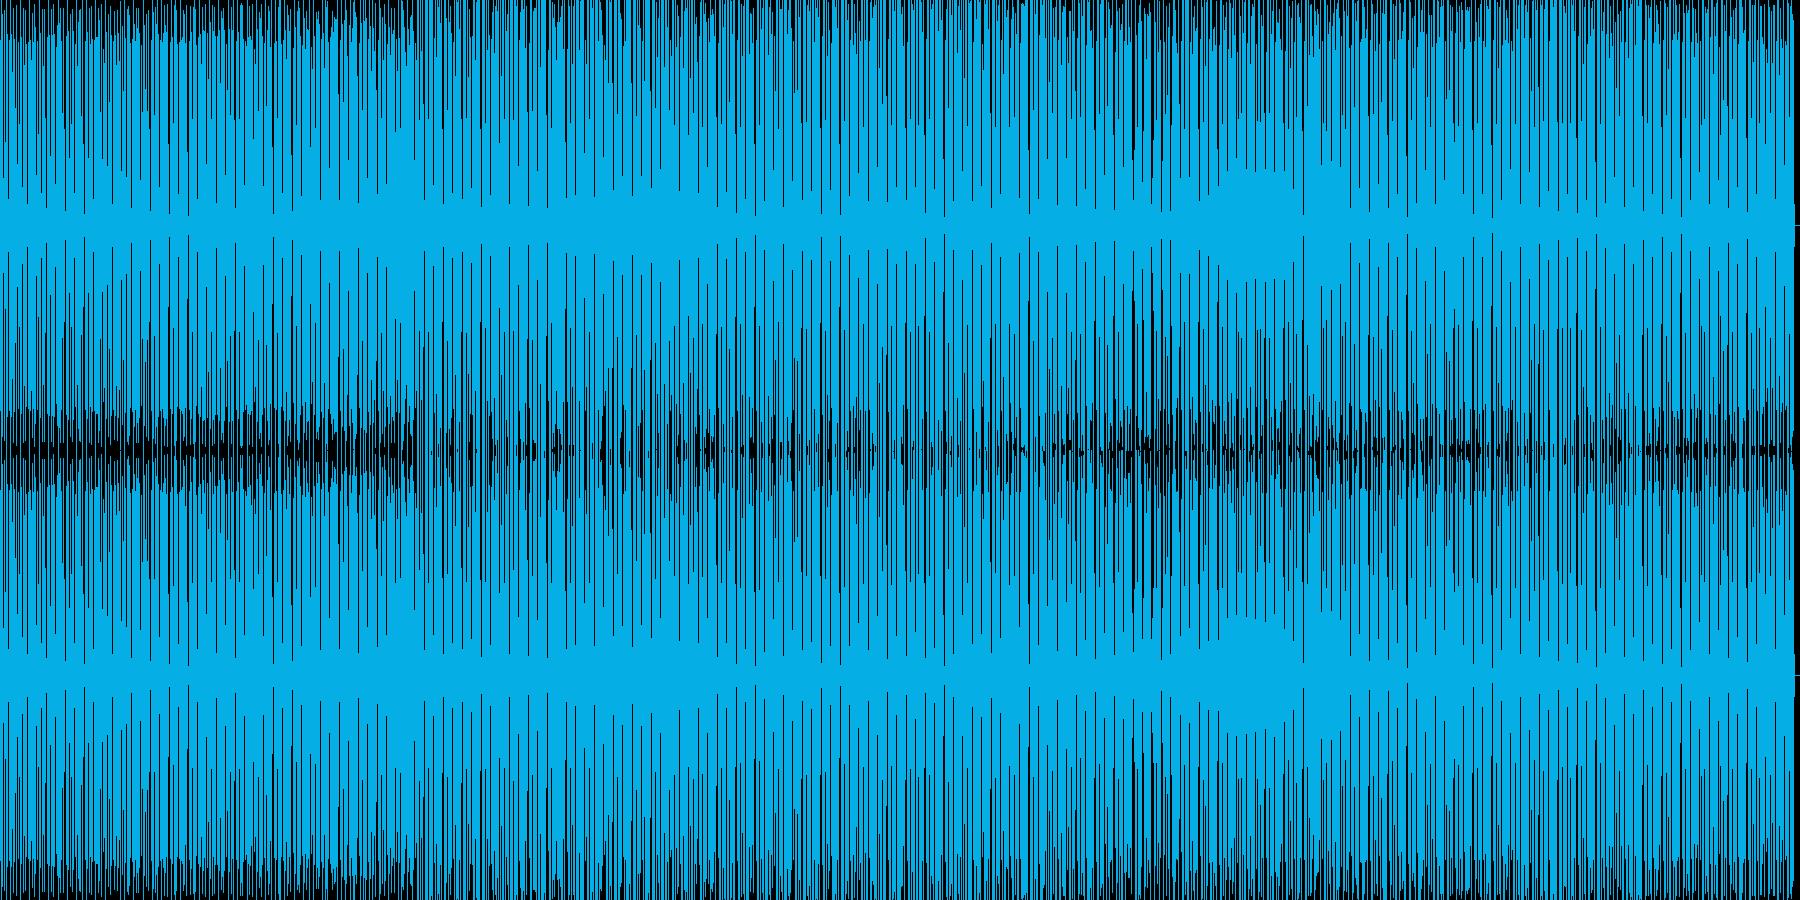 力強い感じのミニマルハウスの再生済みの波形